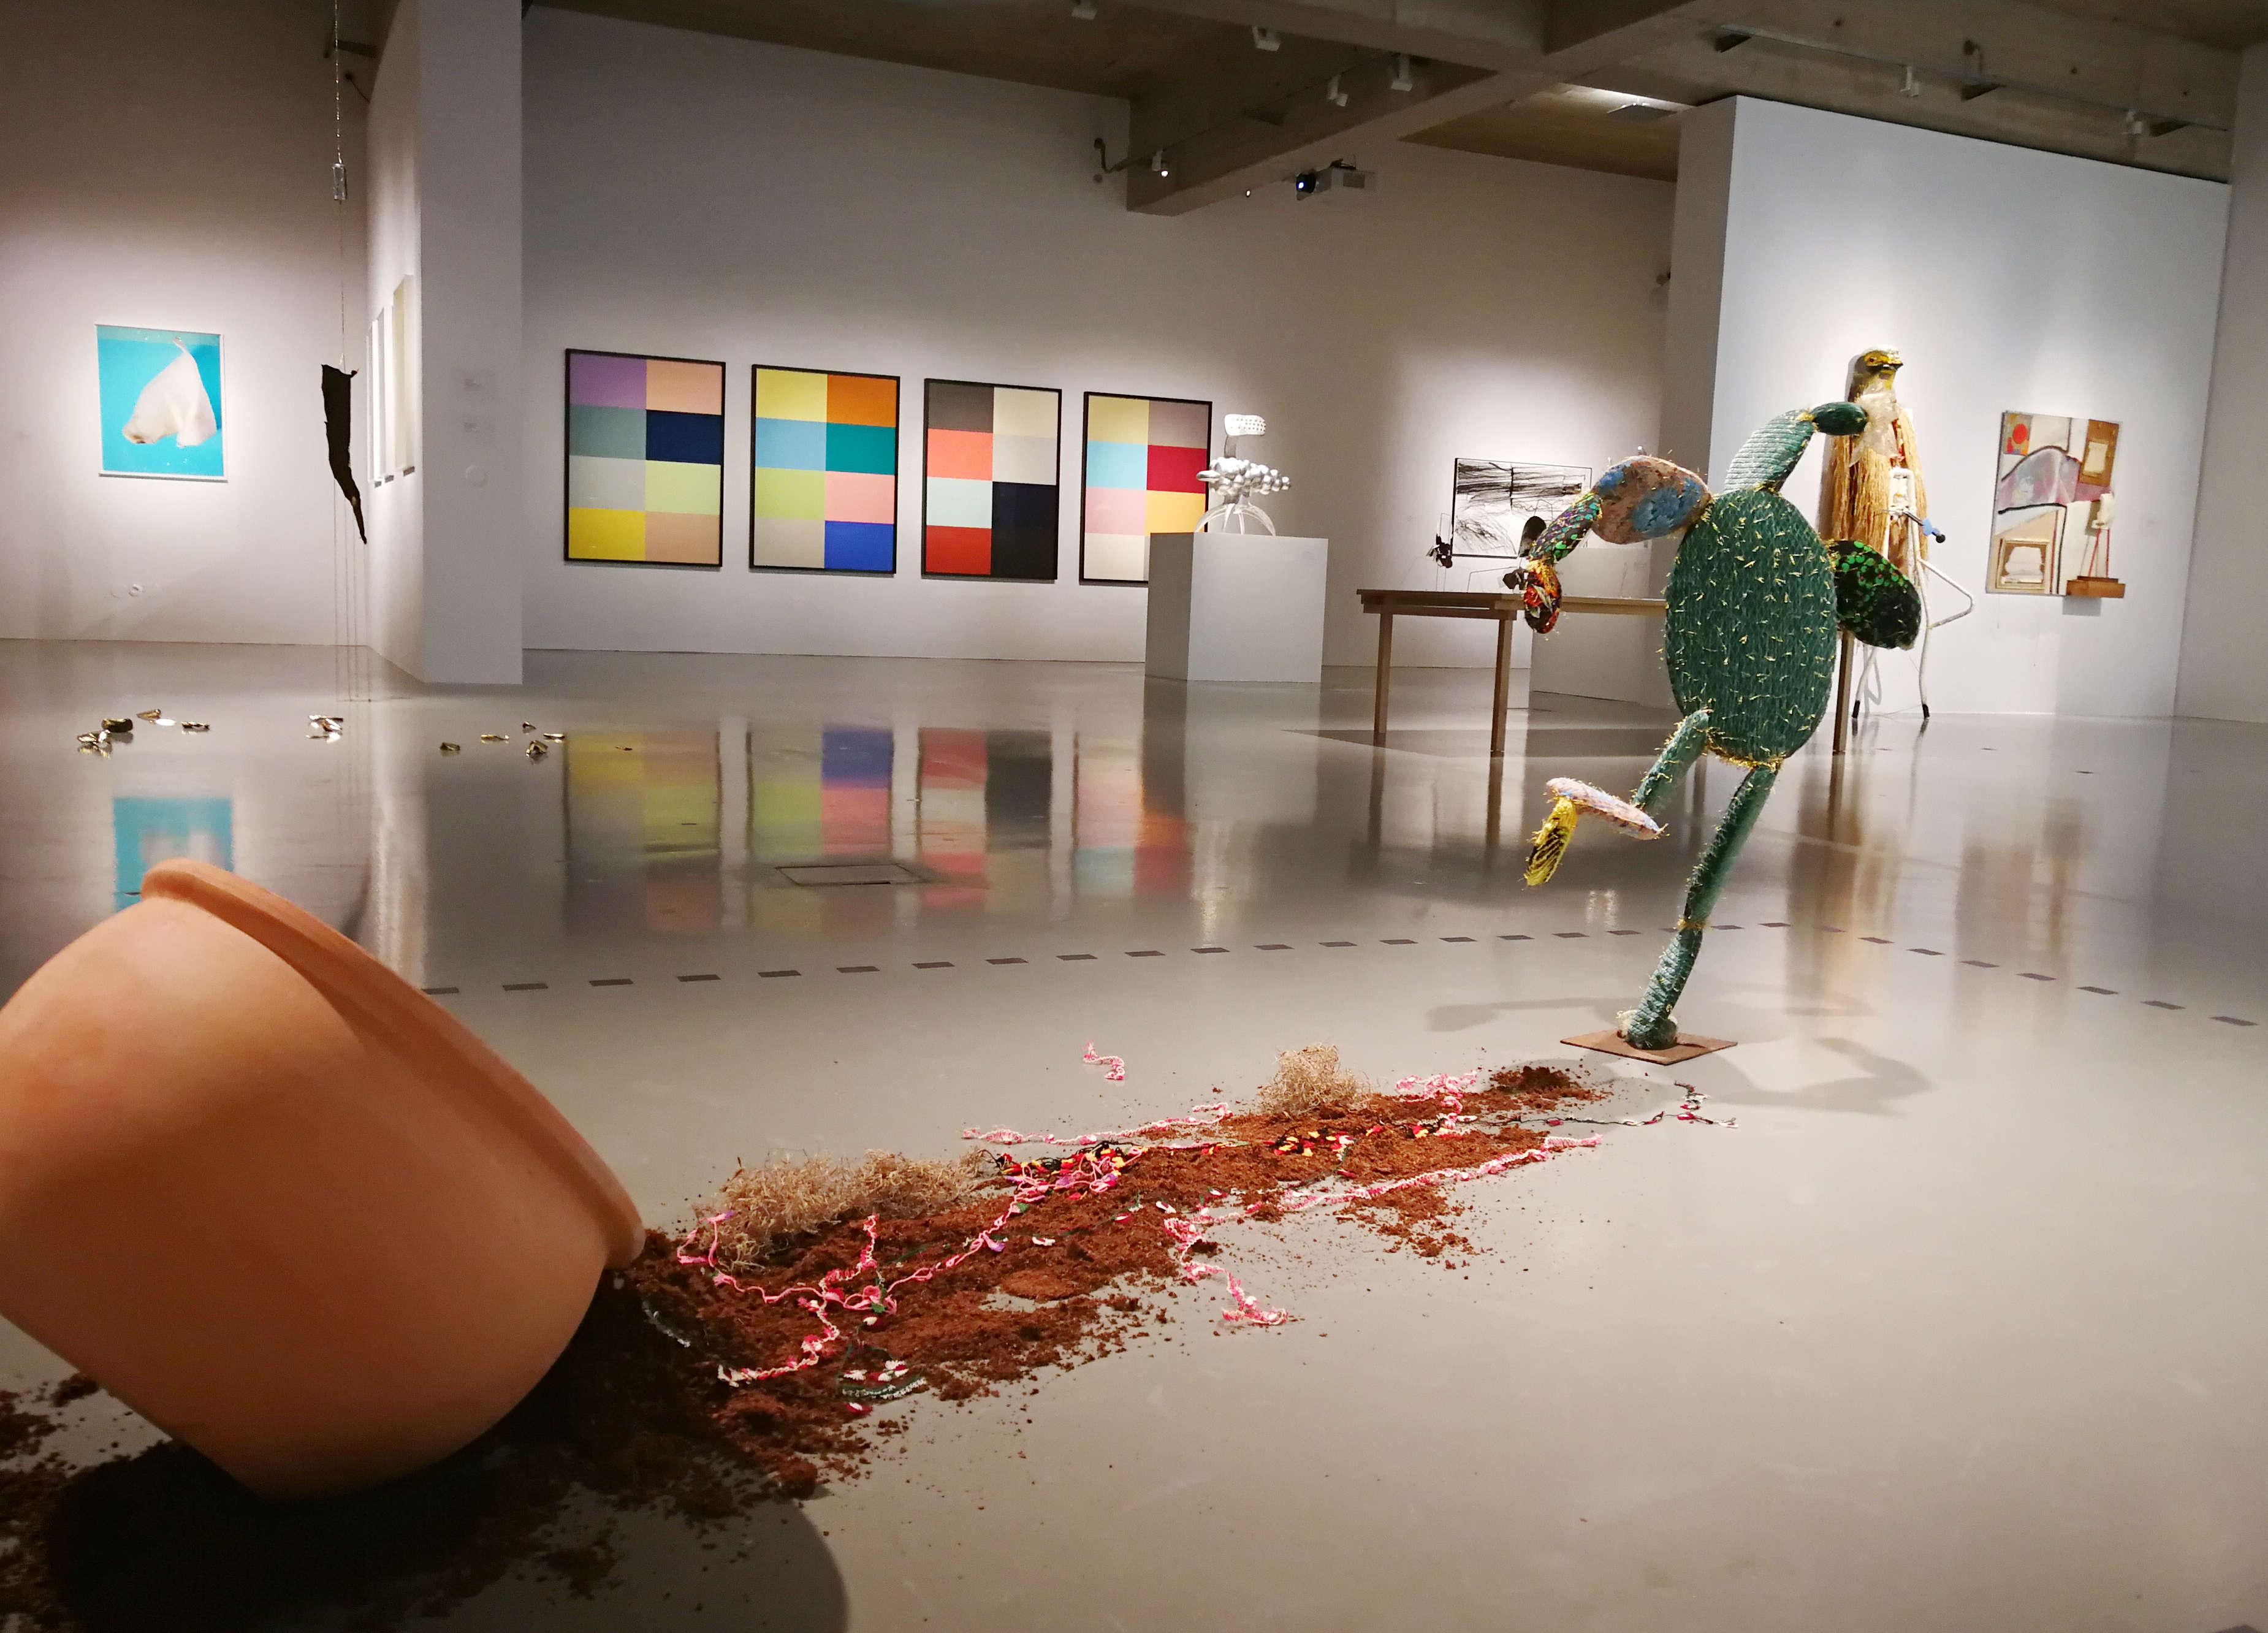 """Nilbar Güreş, Escaping Cactus, dahinter Kay Wakowiak, Ausstellungsansicht """"ich weiß nicht. Wie die Beziehungen zwischen den Dingen wachsen"""" im MAK, 2017, Foto: Alexandra Matzner, ARTinWORDS."""